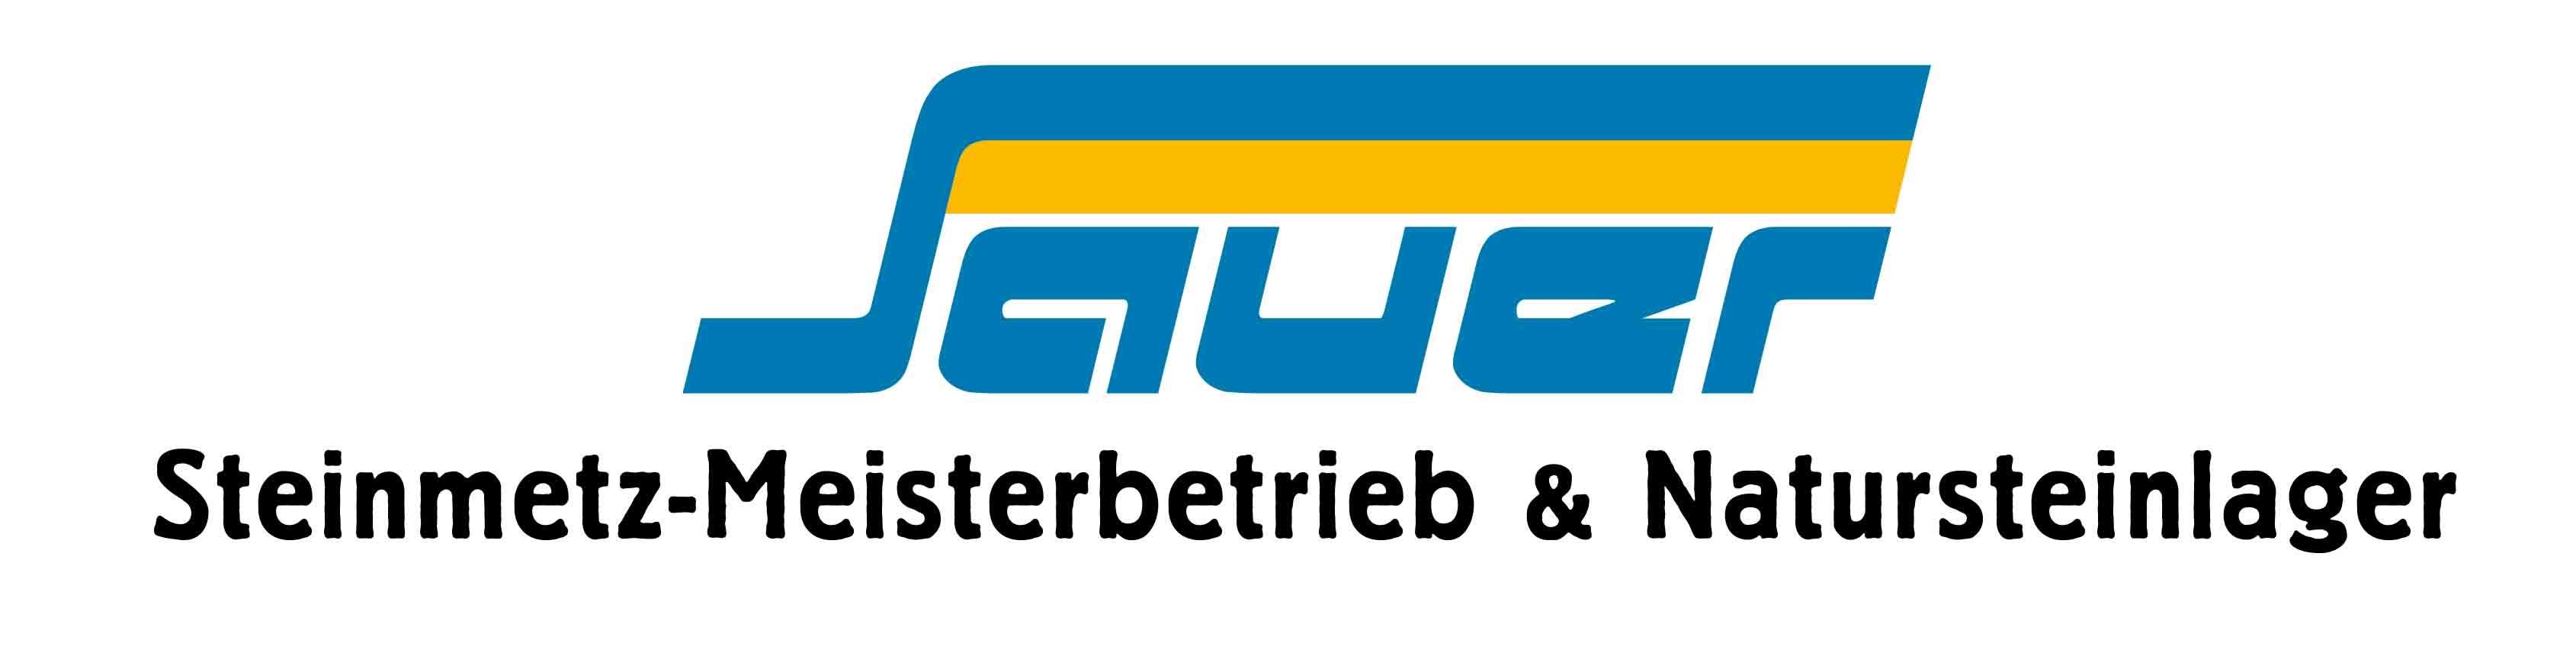 Sauer – Steinmetz-Meisterbetrieb und Natursteinlager Logo